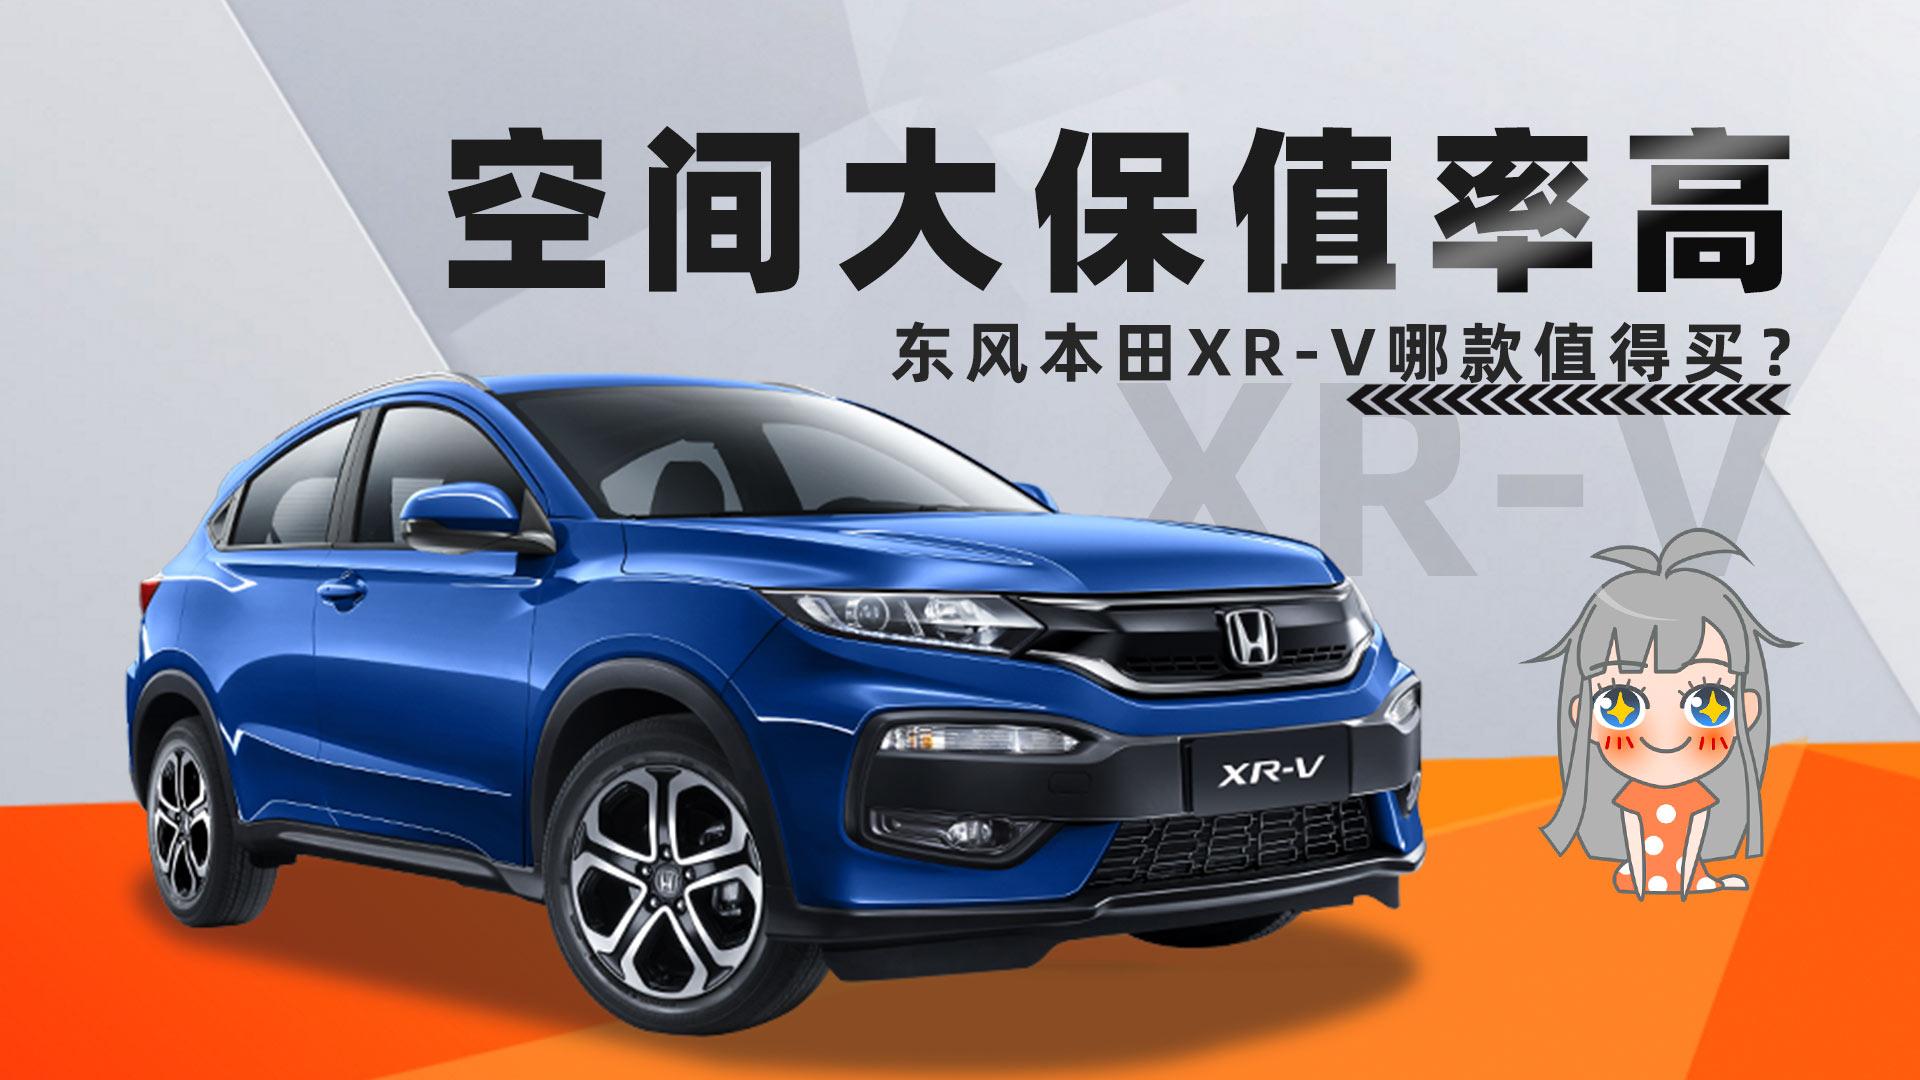 【购车300秒】空间大保值率高 东风本田XR-V哪款值得买?